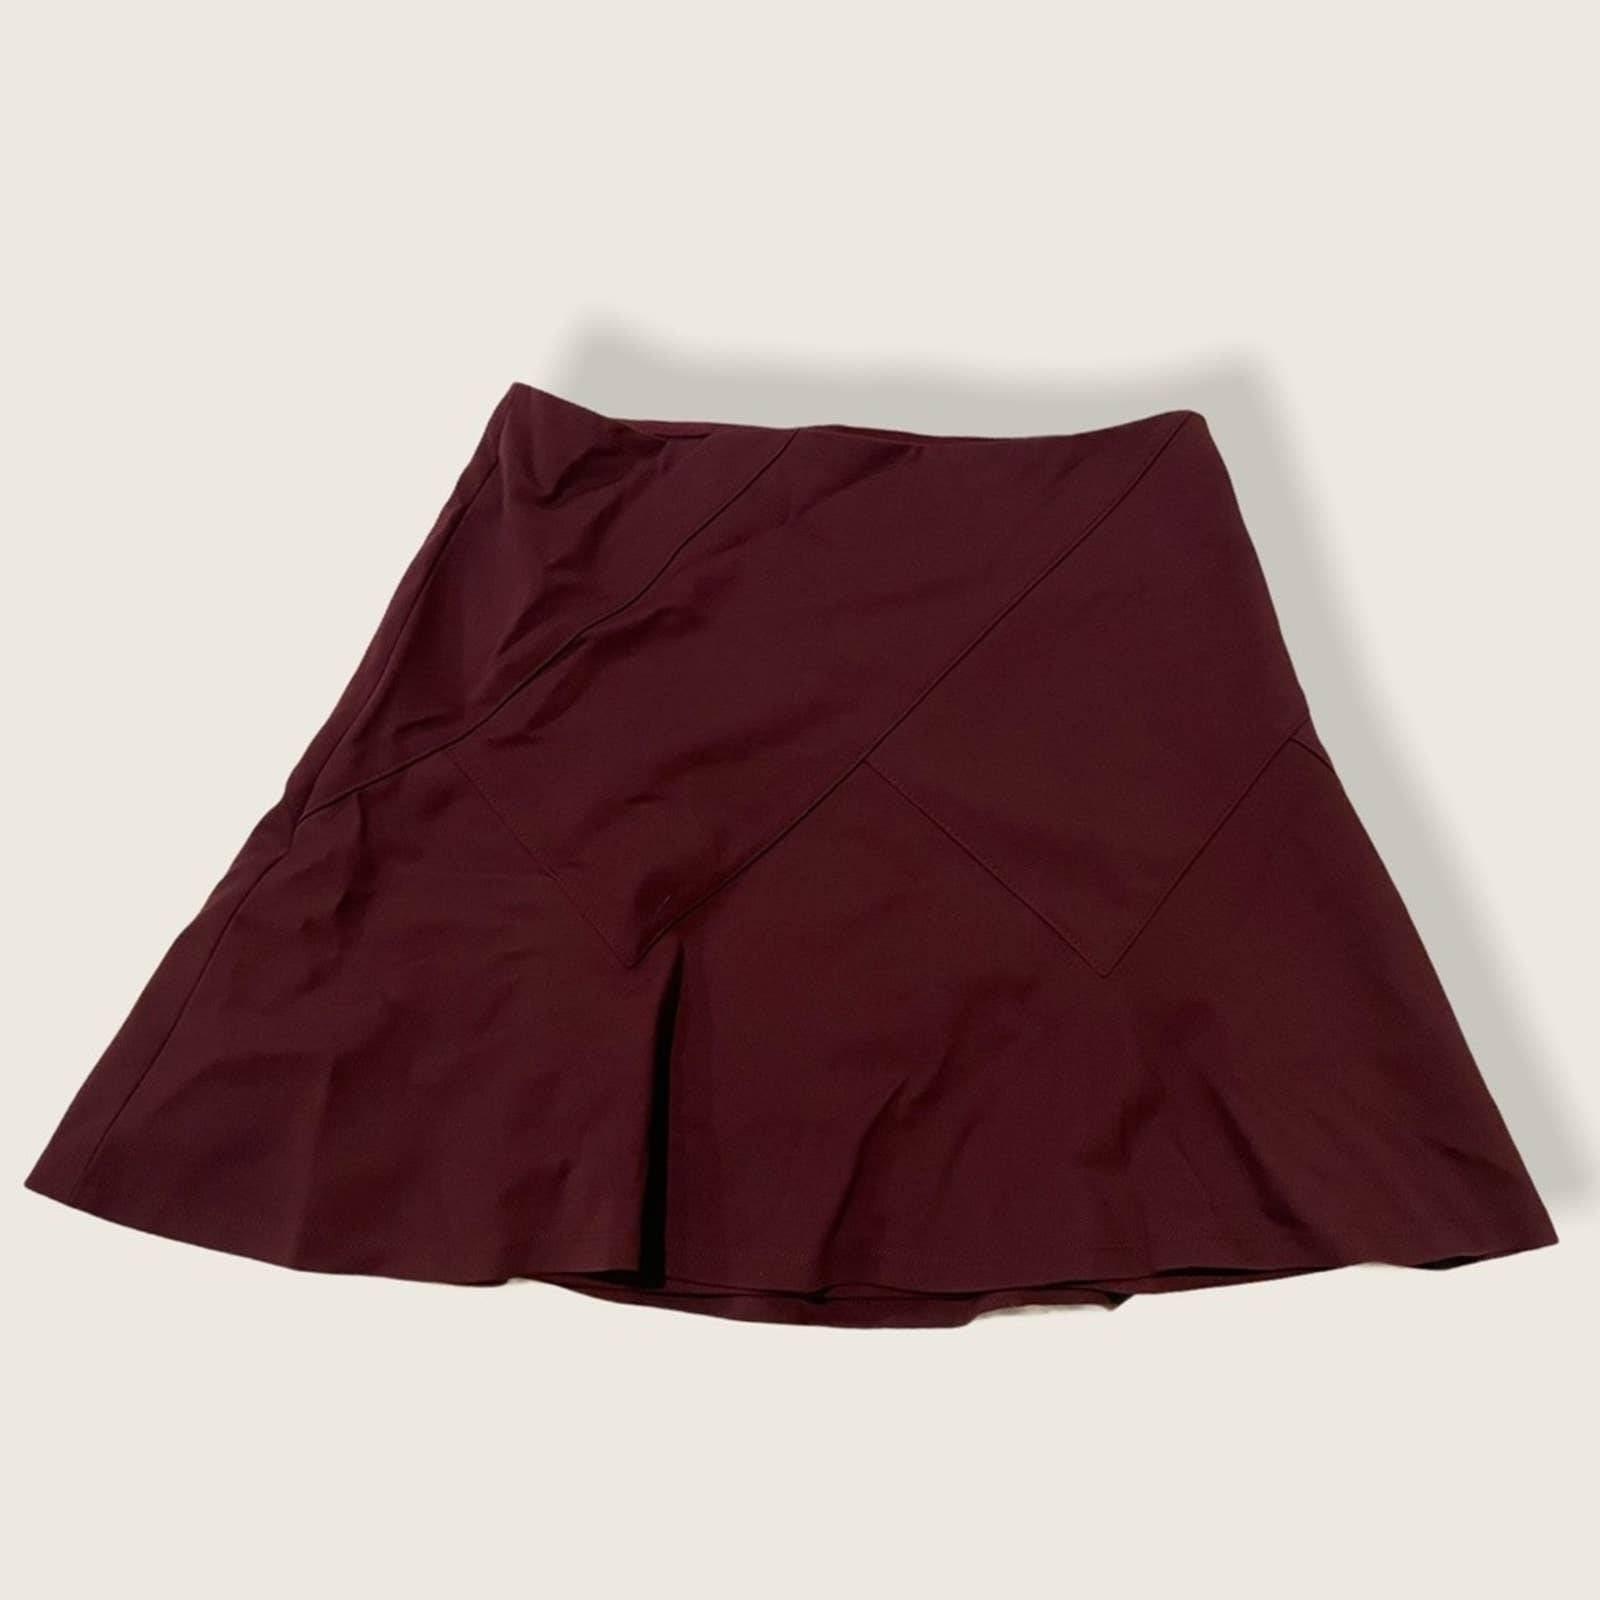 White House Black Market Ponte Skirt 12